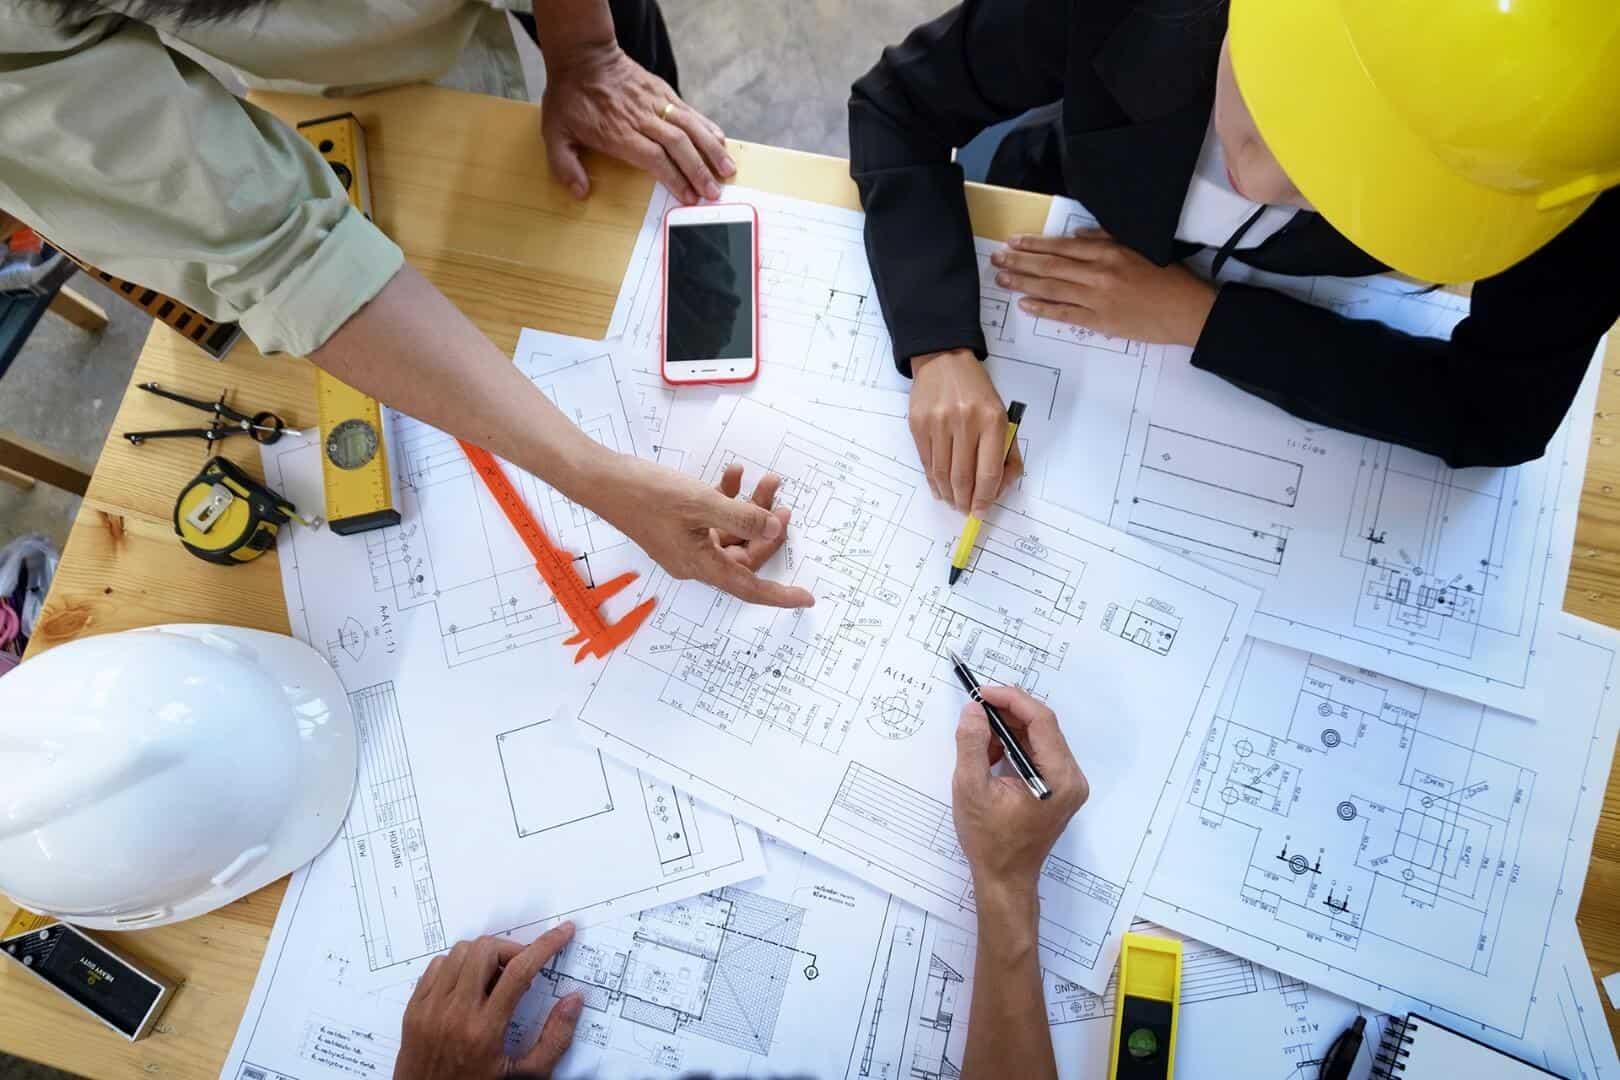 בדיקת אינטגרציה - אורי פורן פתרונות הנדסה ובטיחות